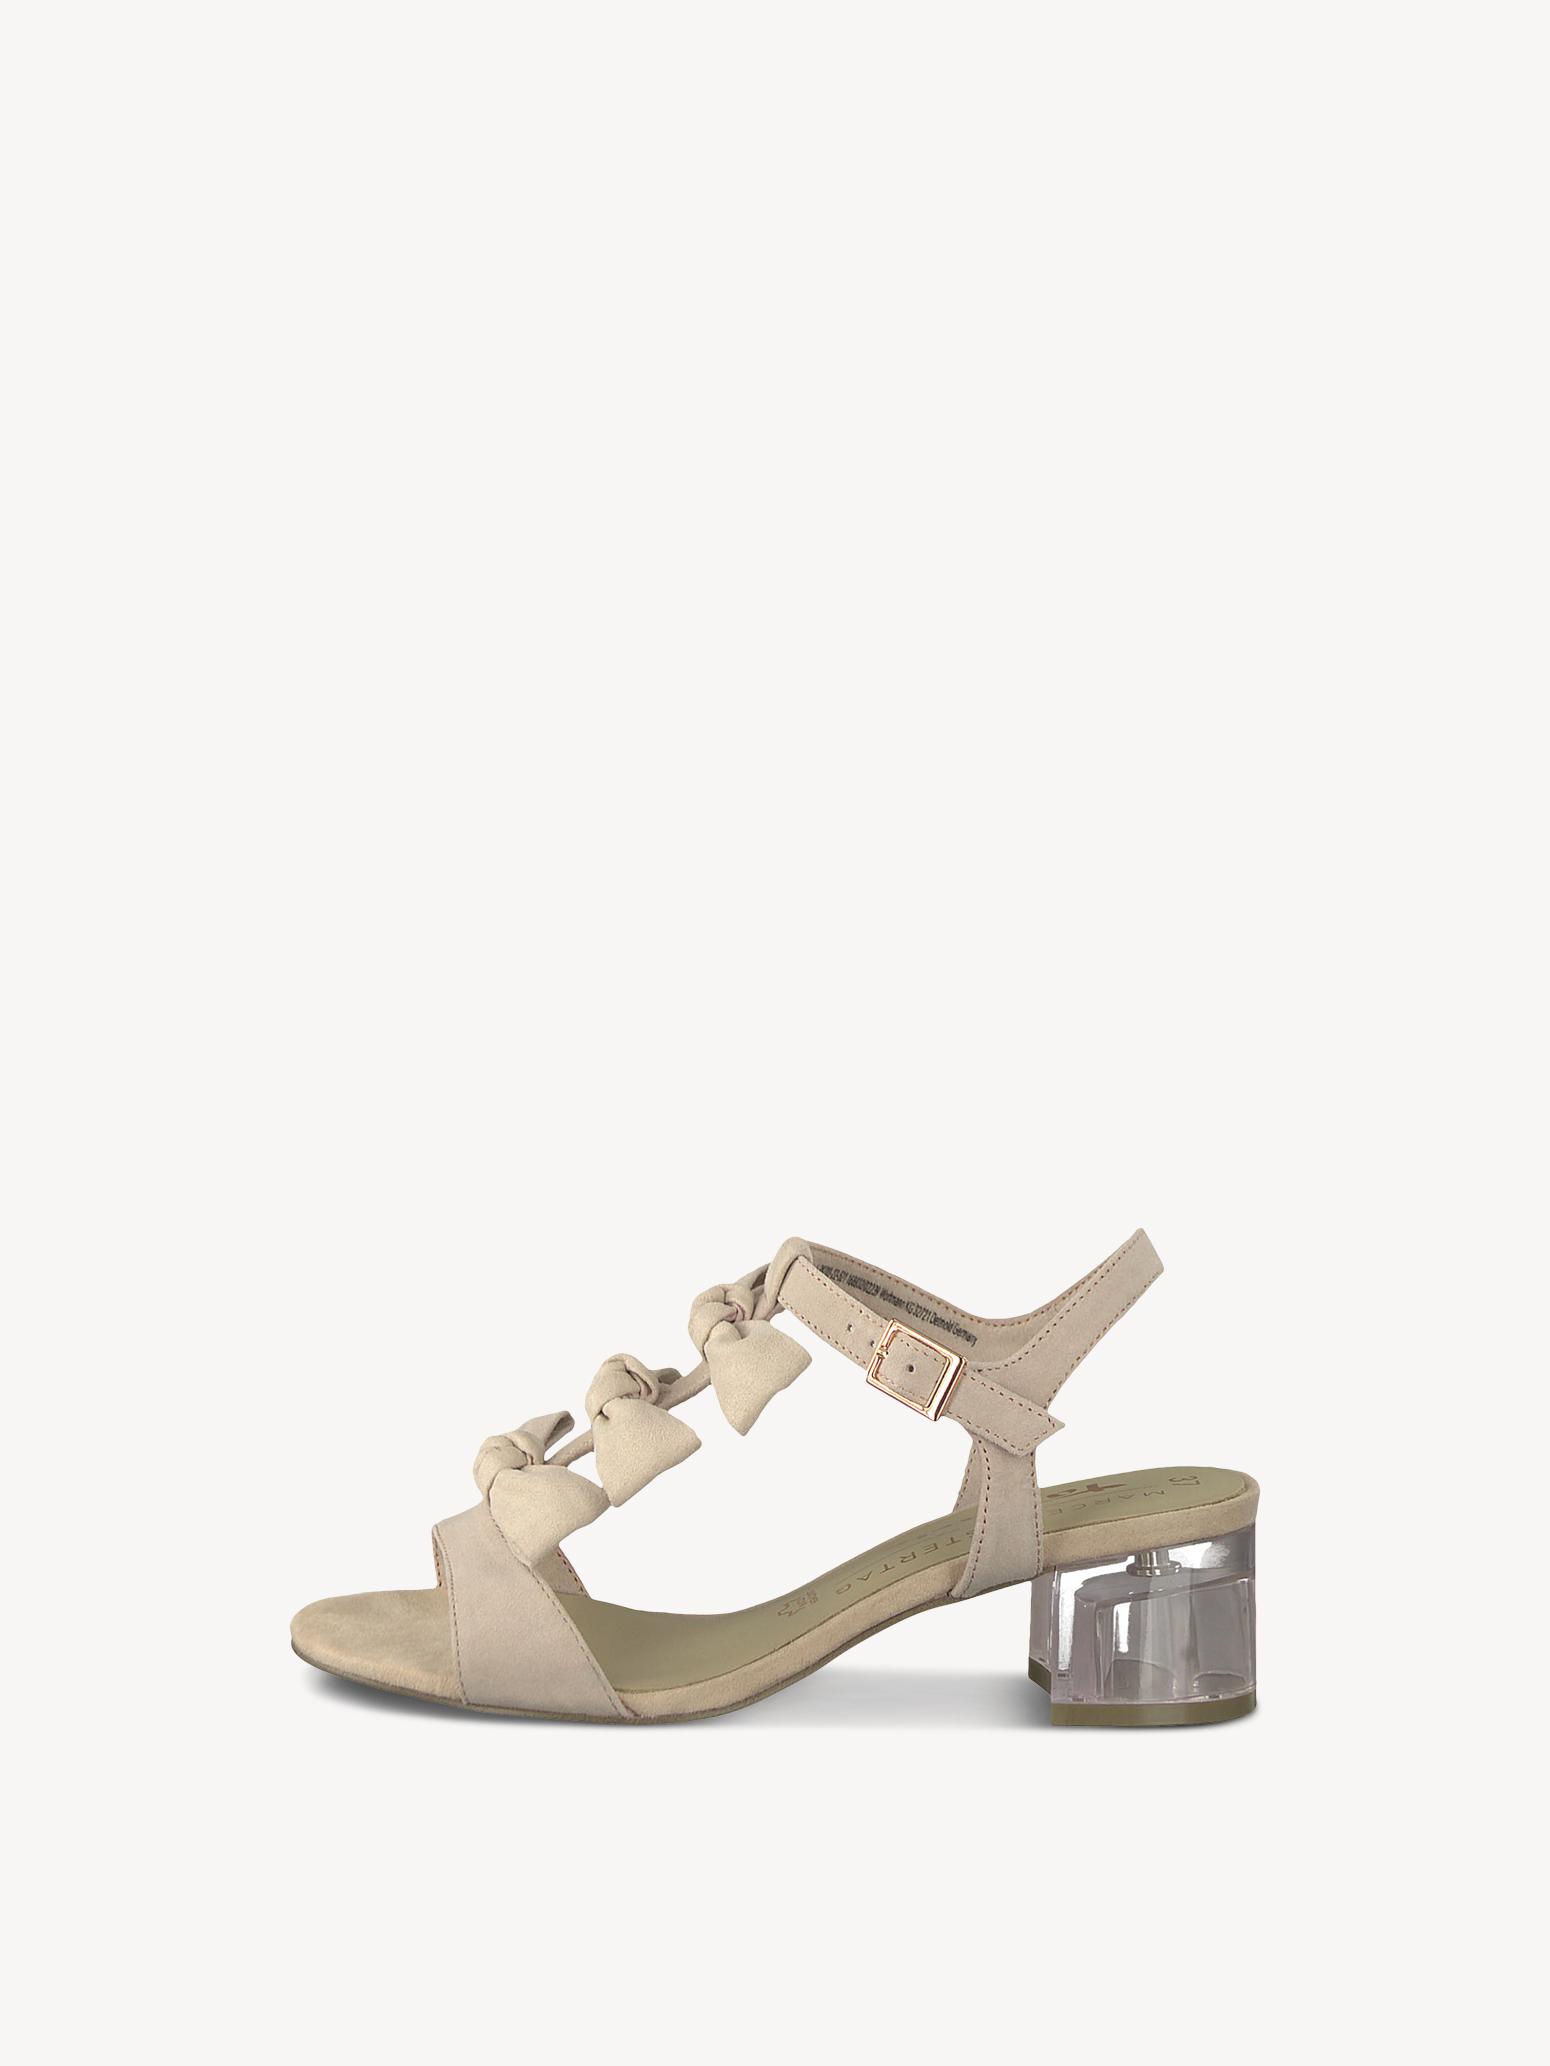 Schuhe, Sandalen Sandaletten Tamaris Gr. 39 beige rosa in